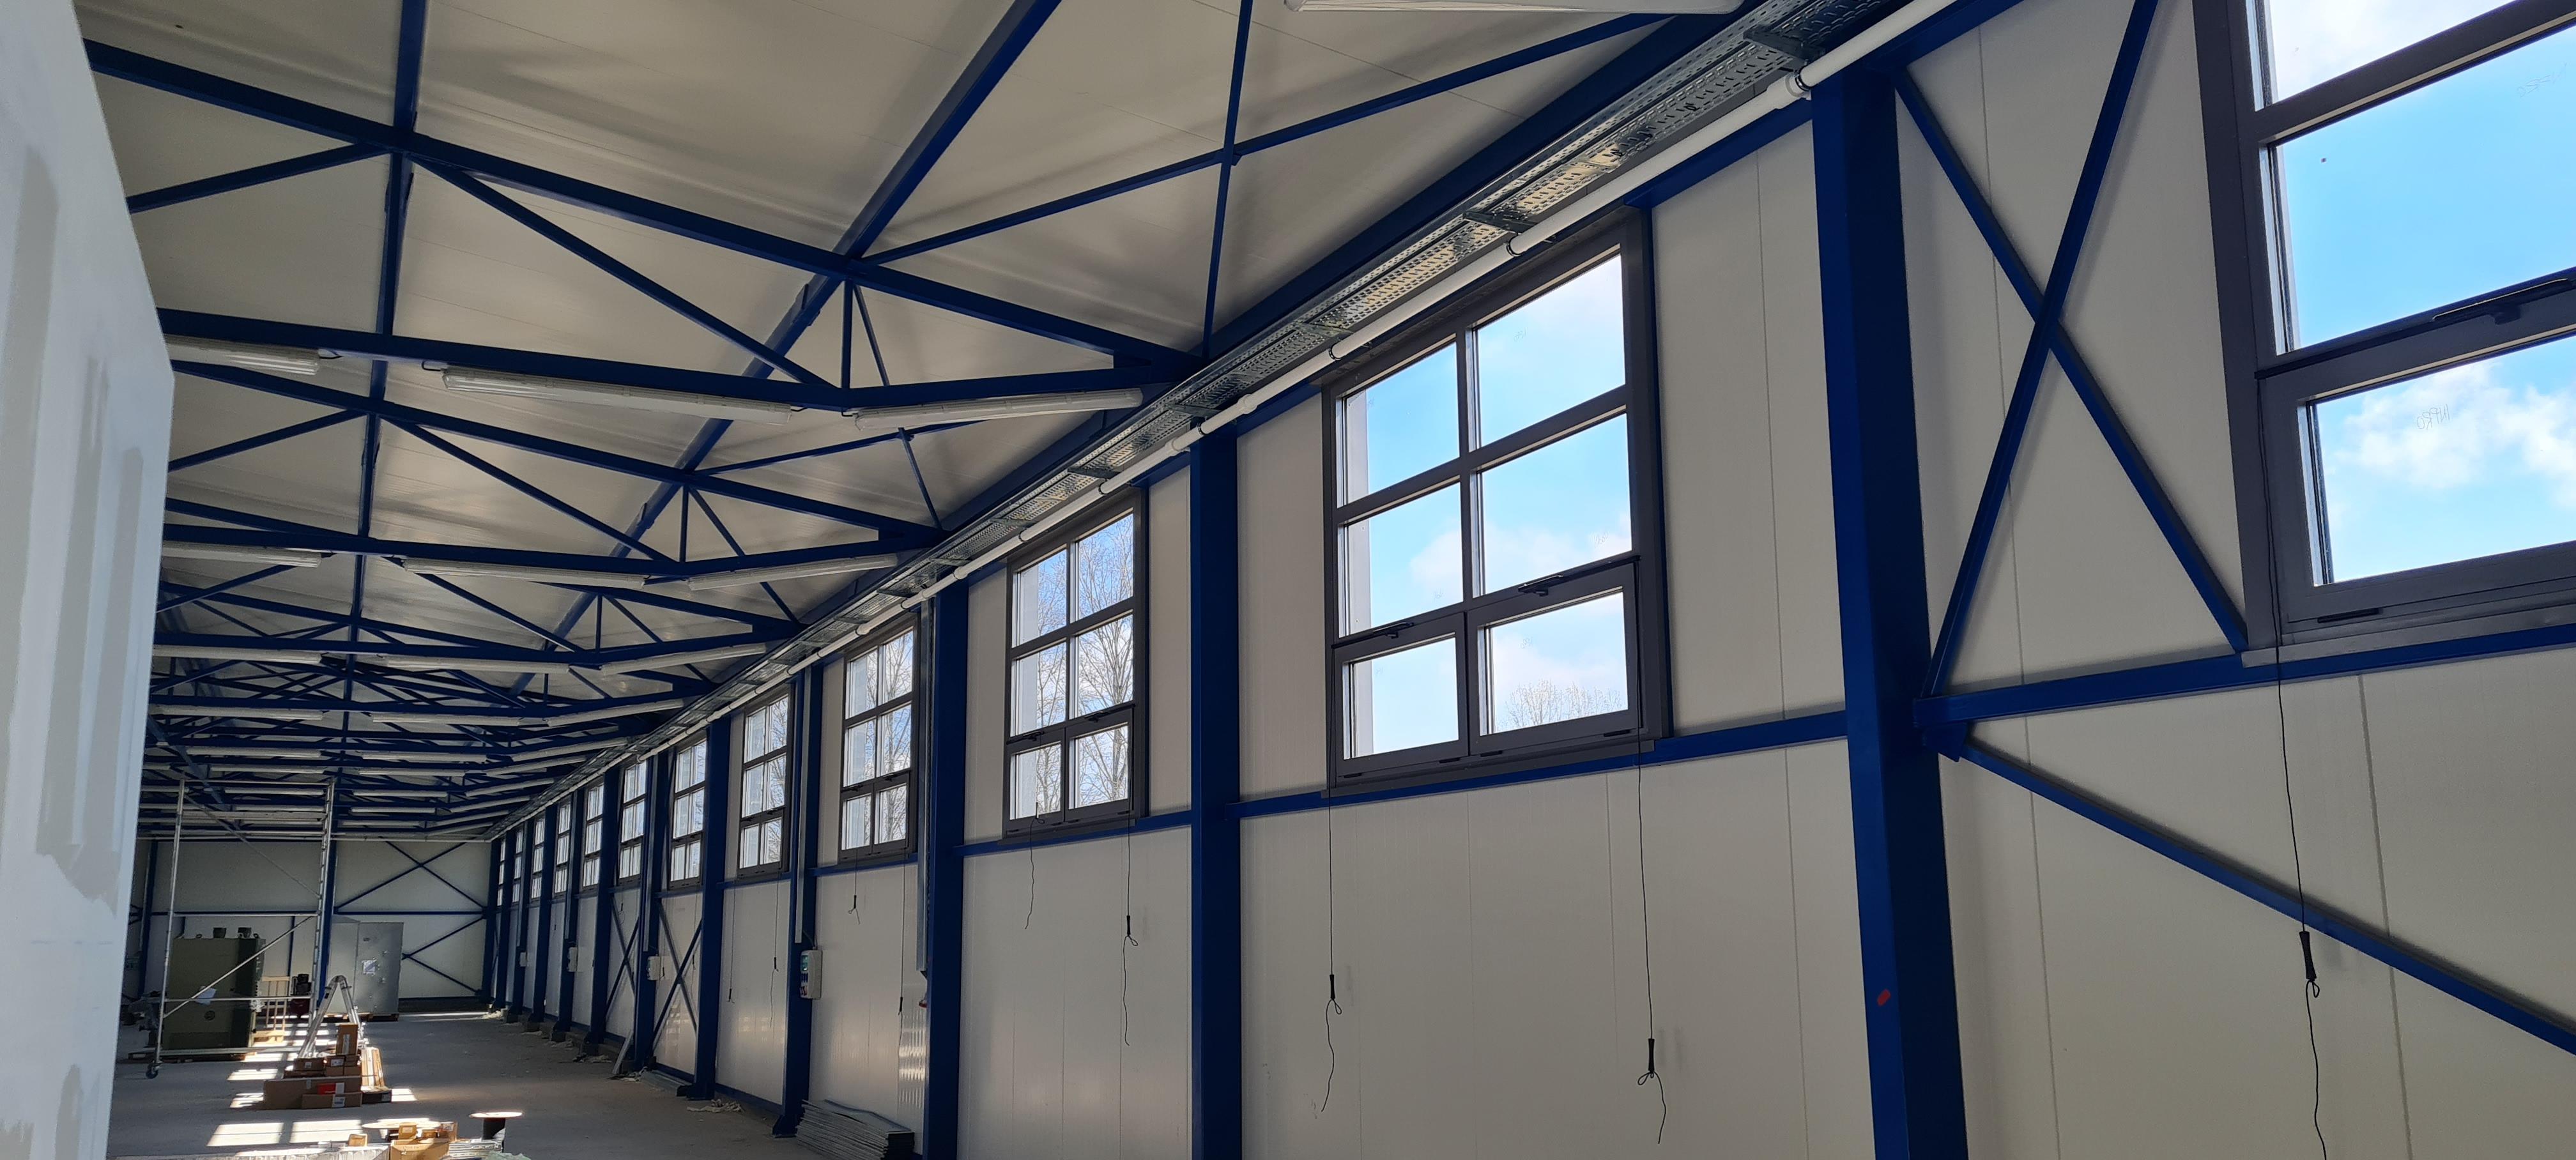 GRP Centar - Proizvodna hala - PVC prozori - Unutrašnji izgled